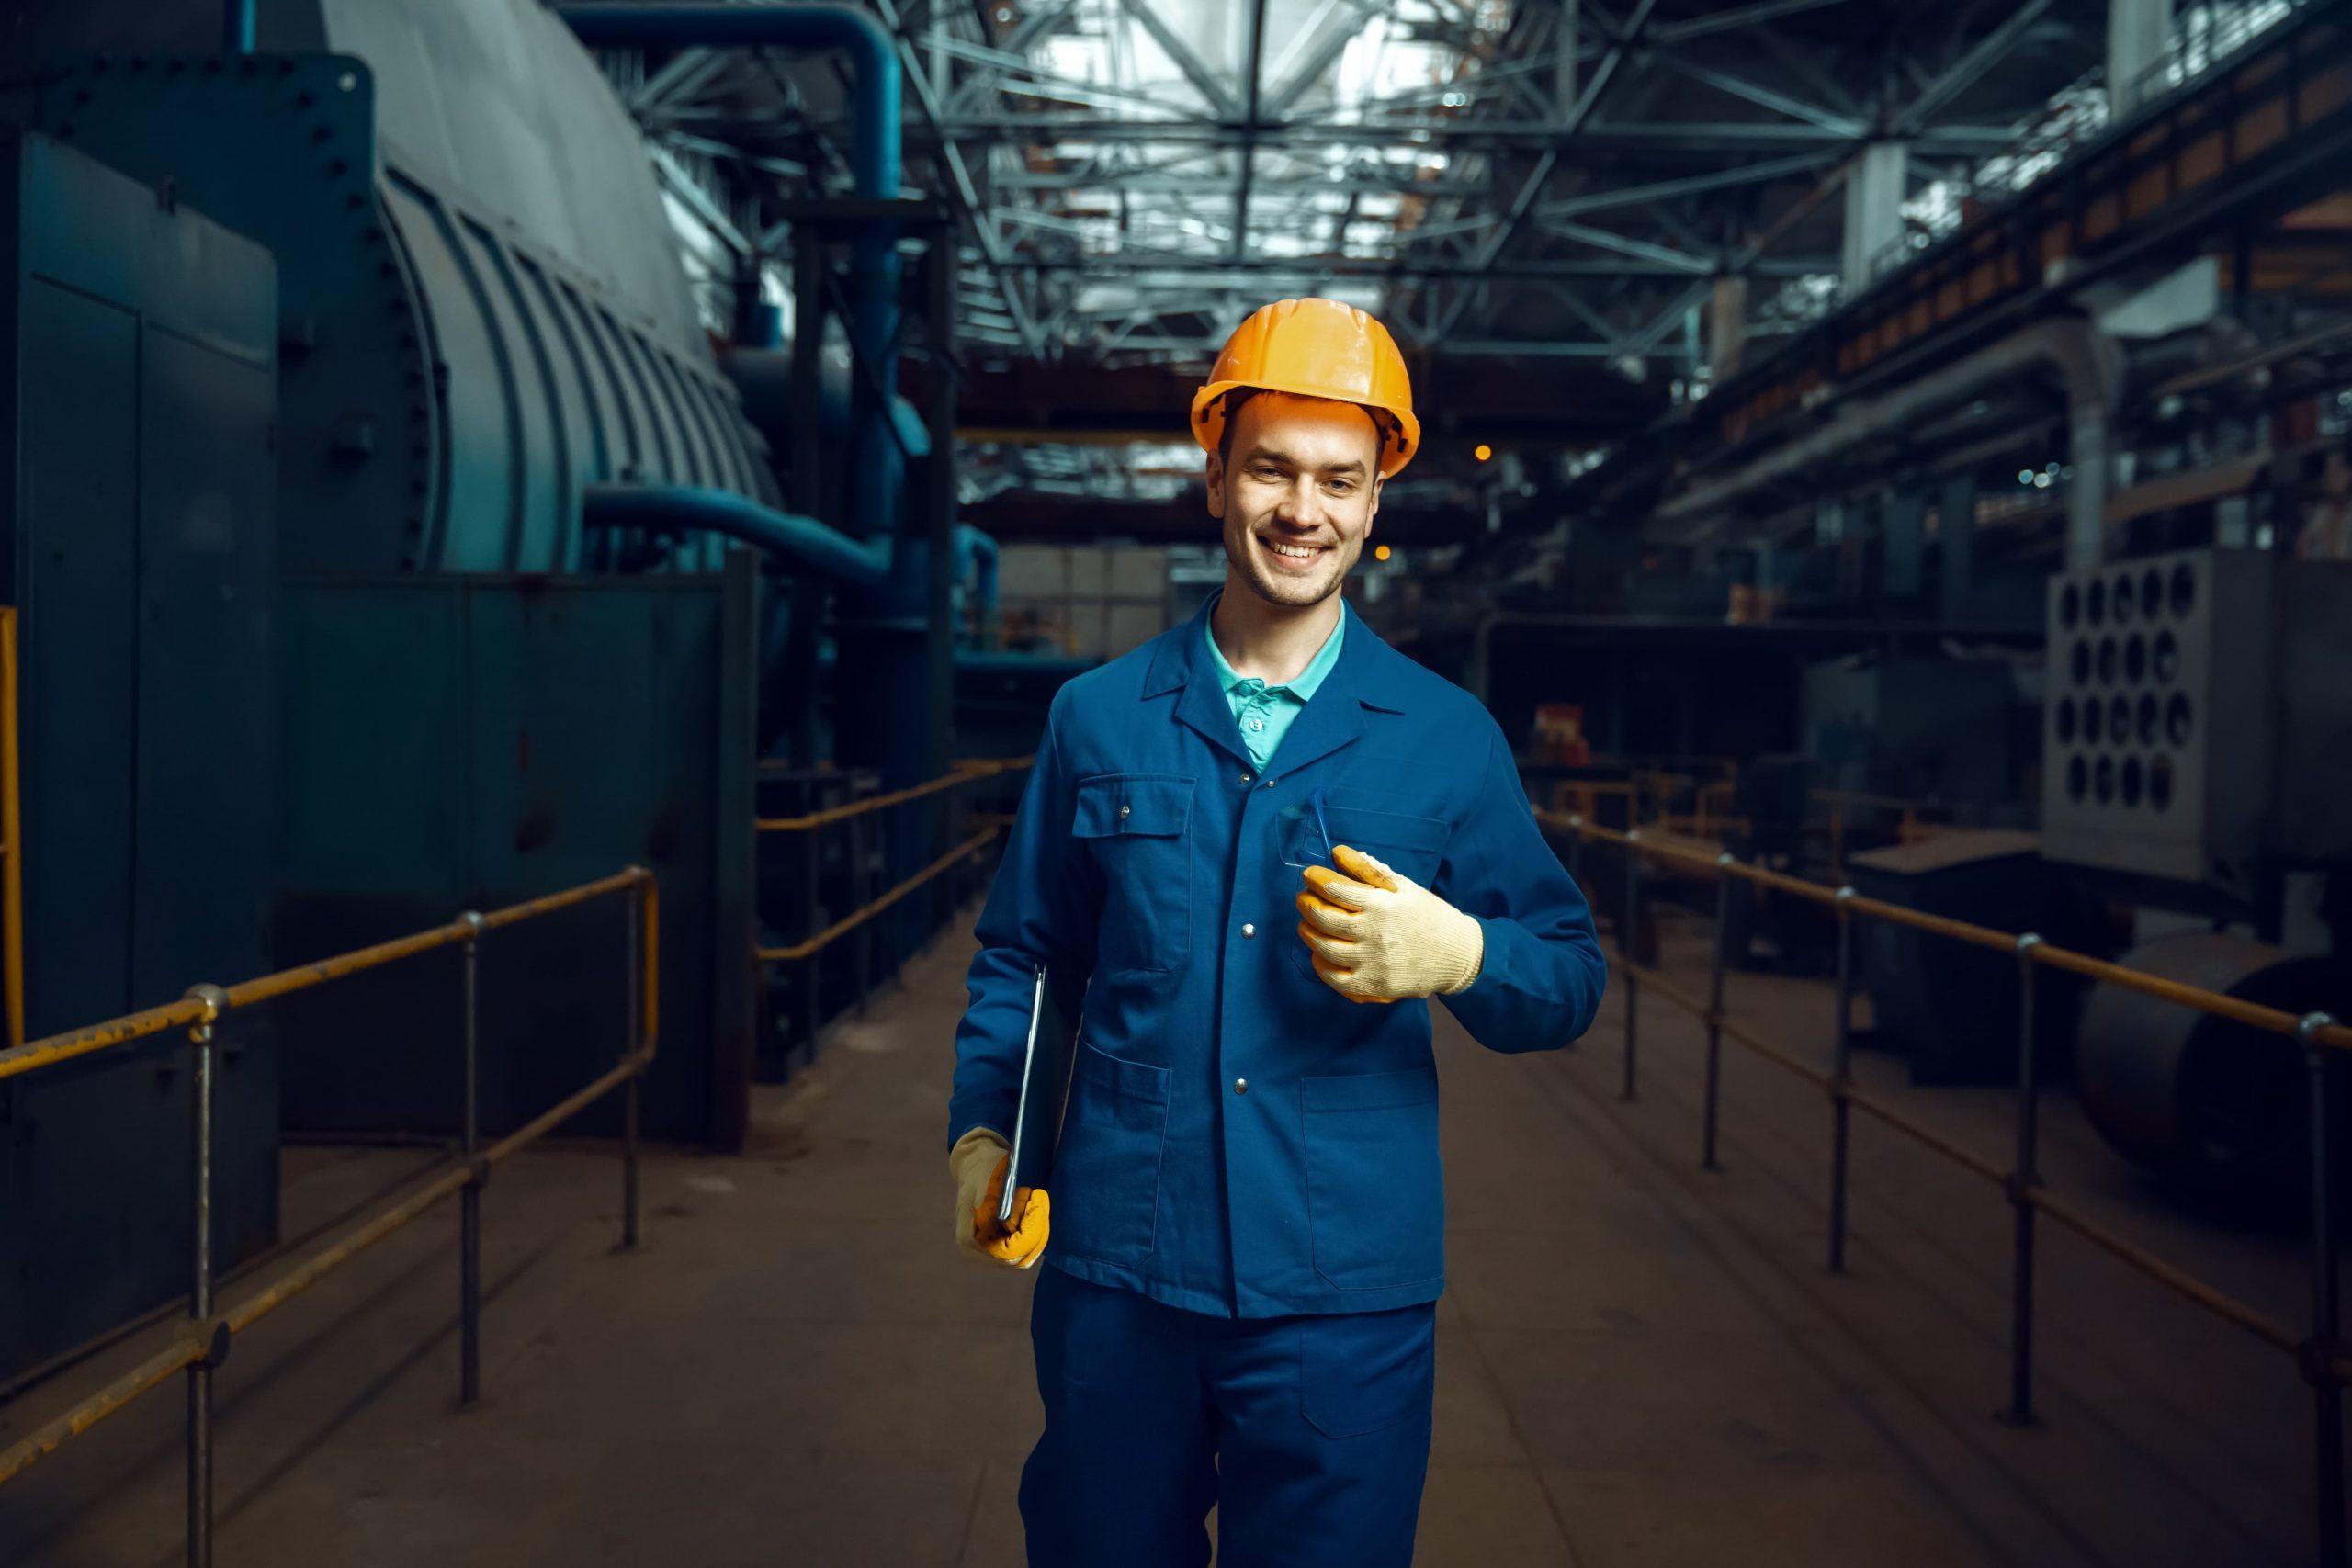 Geçici görevlendirme ile başka bir işyerinde görevlendirilen çalışanların iş sağlığı ve güvenliği hizmetleri nasıl sağlanır-min